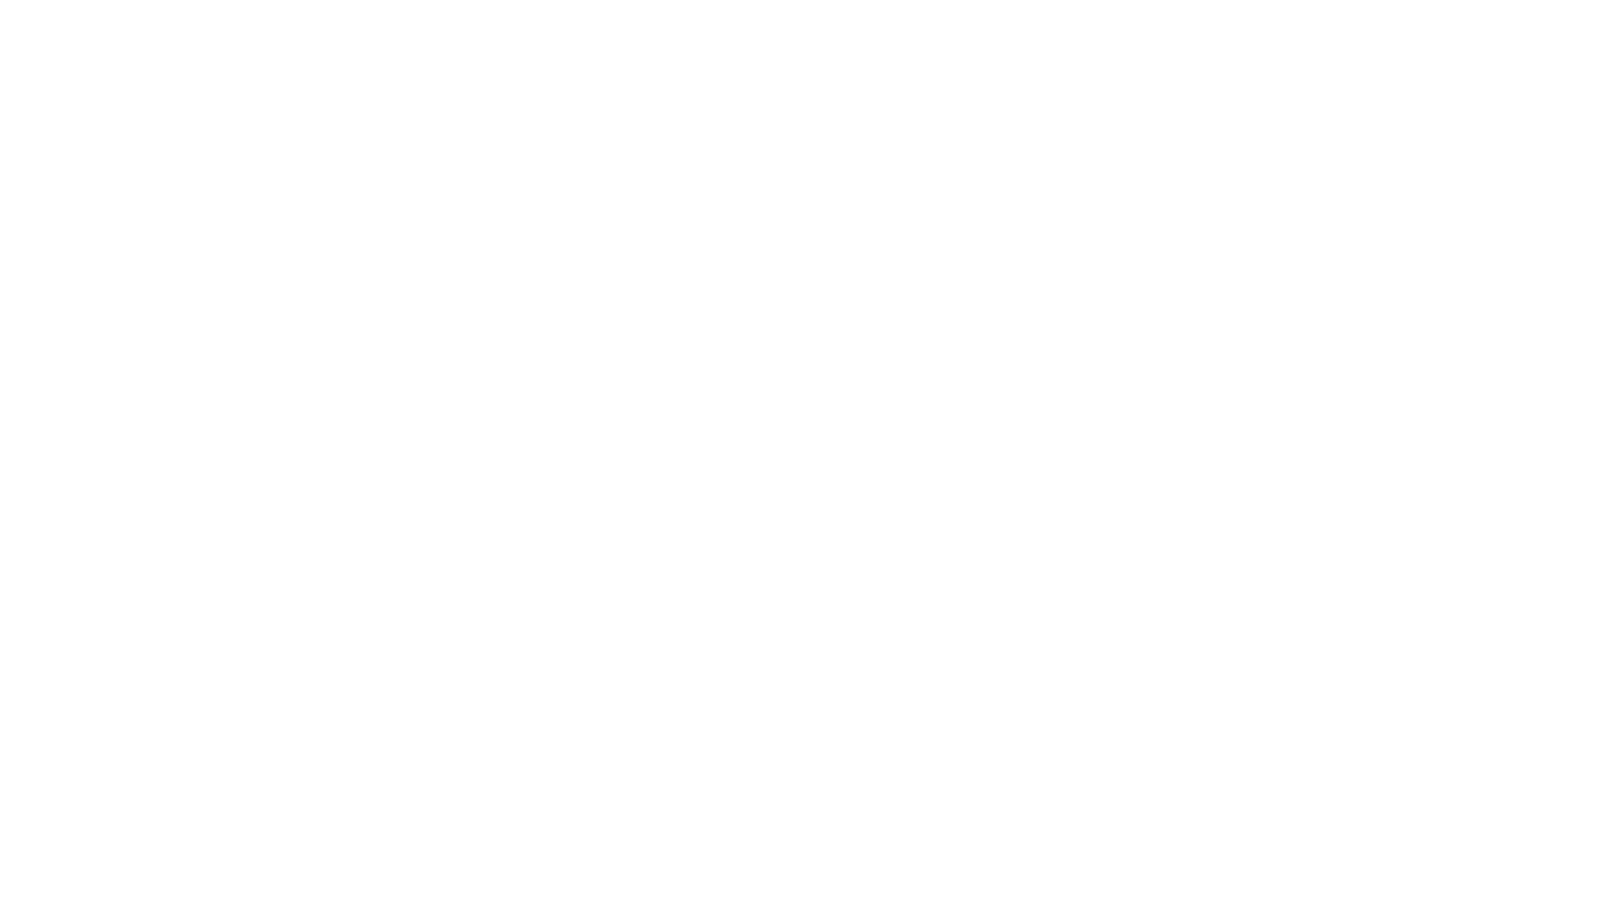 Lluïment dels Gegantons Torradet, Gresca i Pepitu el Campanar de Gràcia, el Gegantó Ninot de l'Esquerra de l'Eixample, el Gegantó Miquelet de la Barceloneta i el Gegants Besós i Maresme al Passeig de Gràcia durant la Mostra de Cultura Popular de les Festes de La Mercè 2021, adaptades a les circumstàncies del moment.